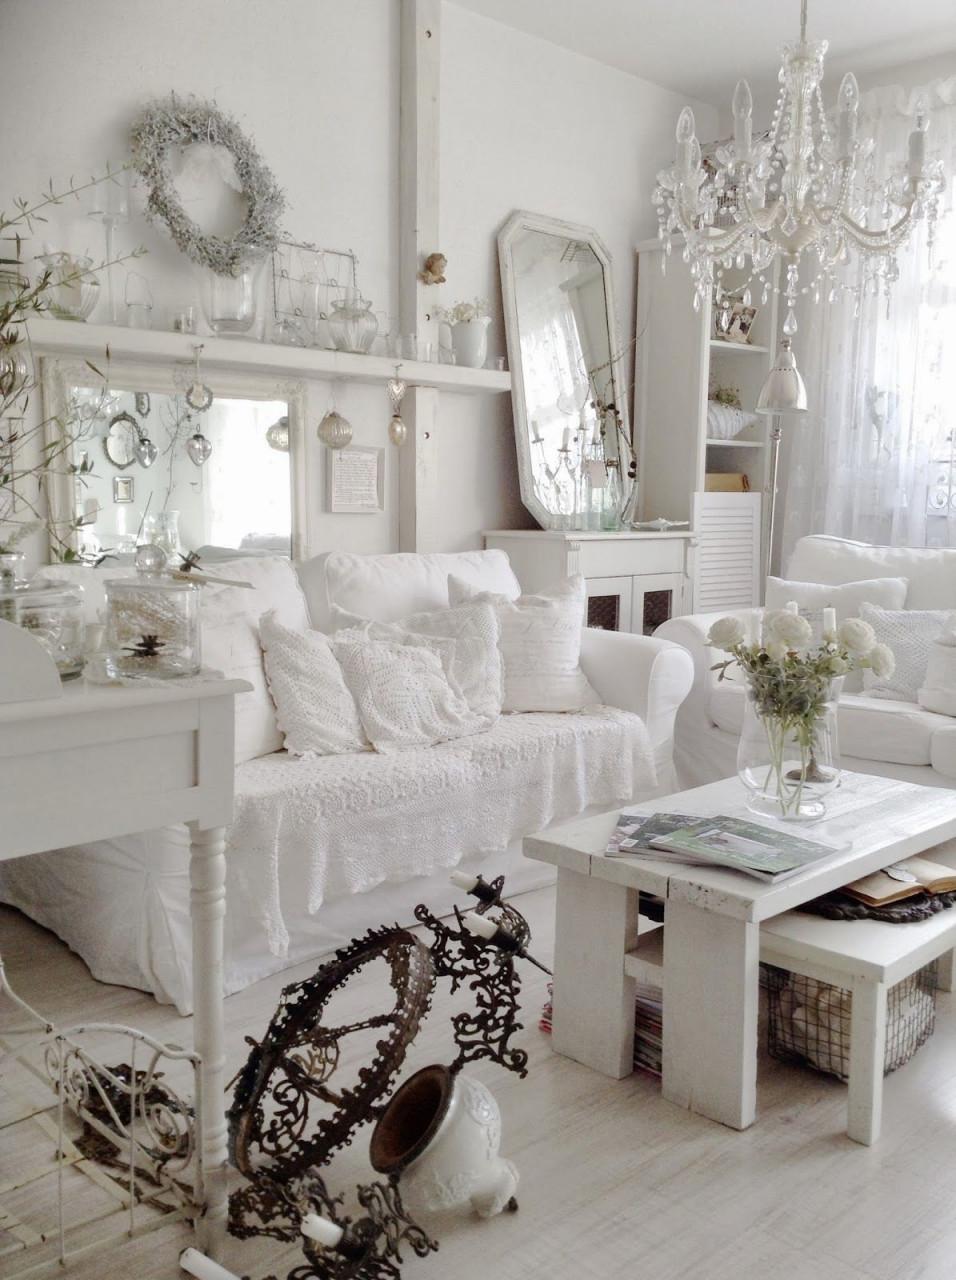 Kleiner Einblick In Unser Wohnzimmer  Chic Wohnzimmer von Shabby Chic Wohnzimmer Bilder Bild